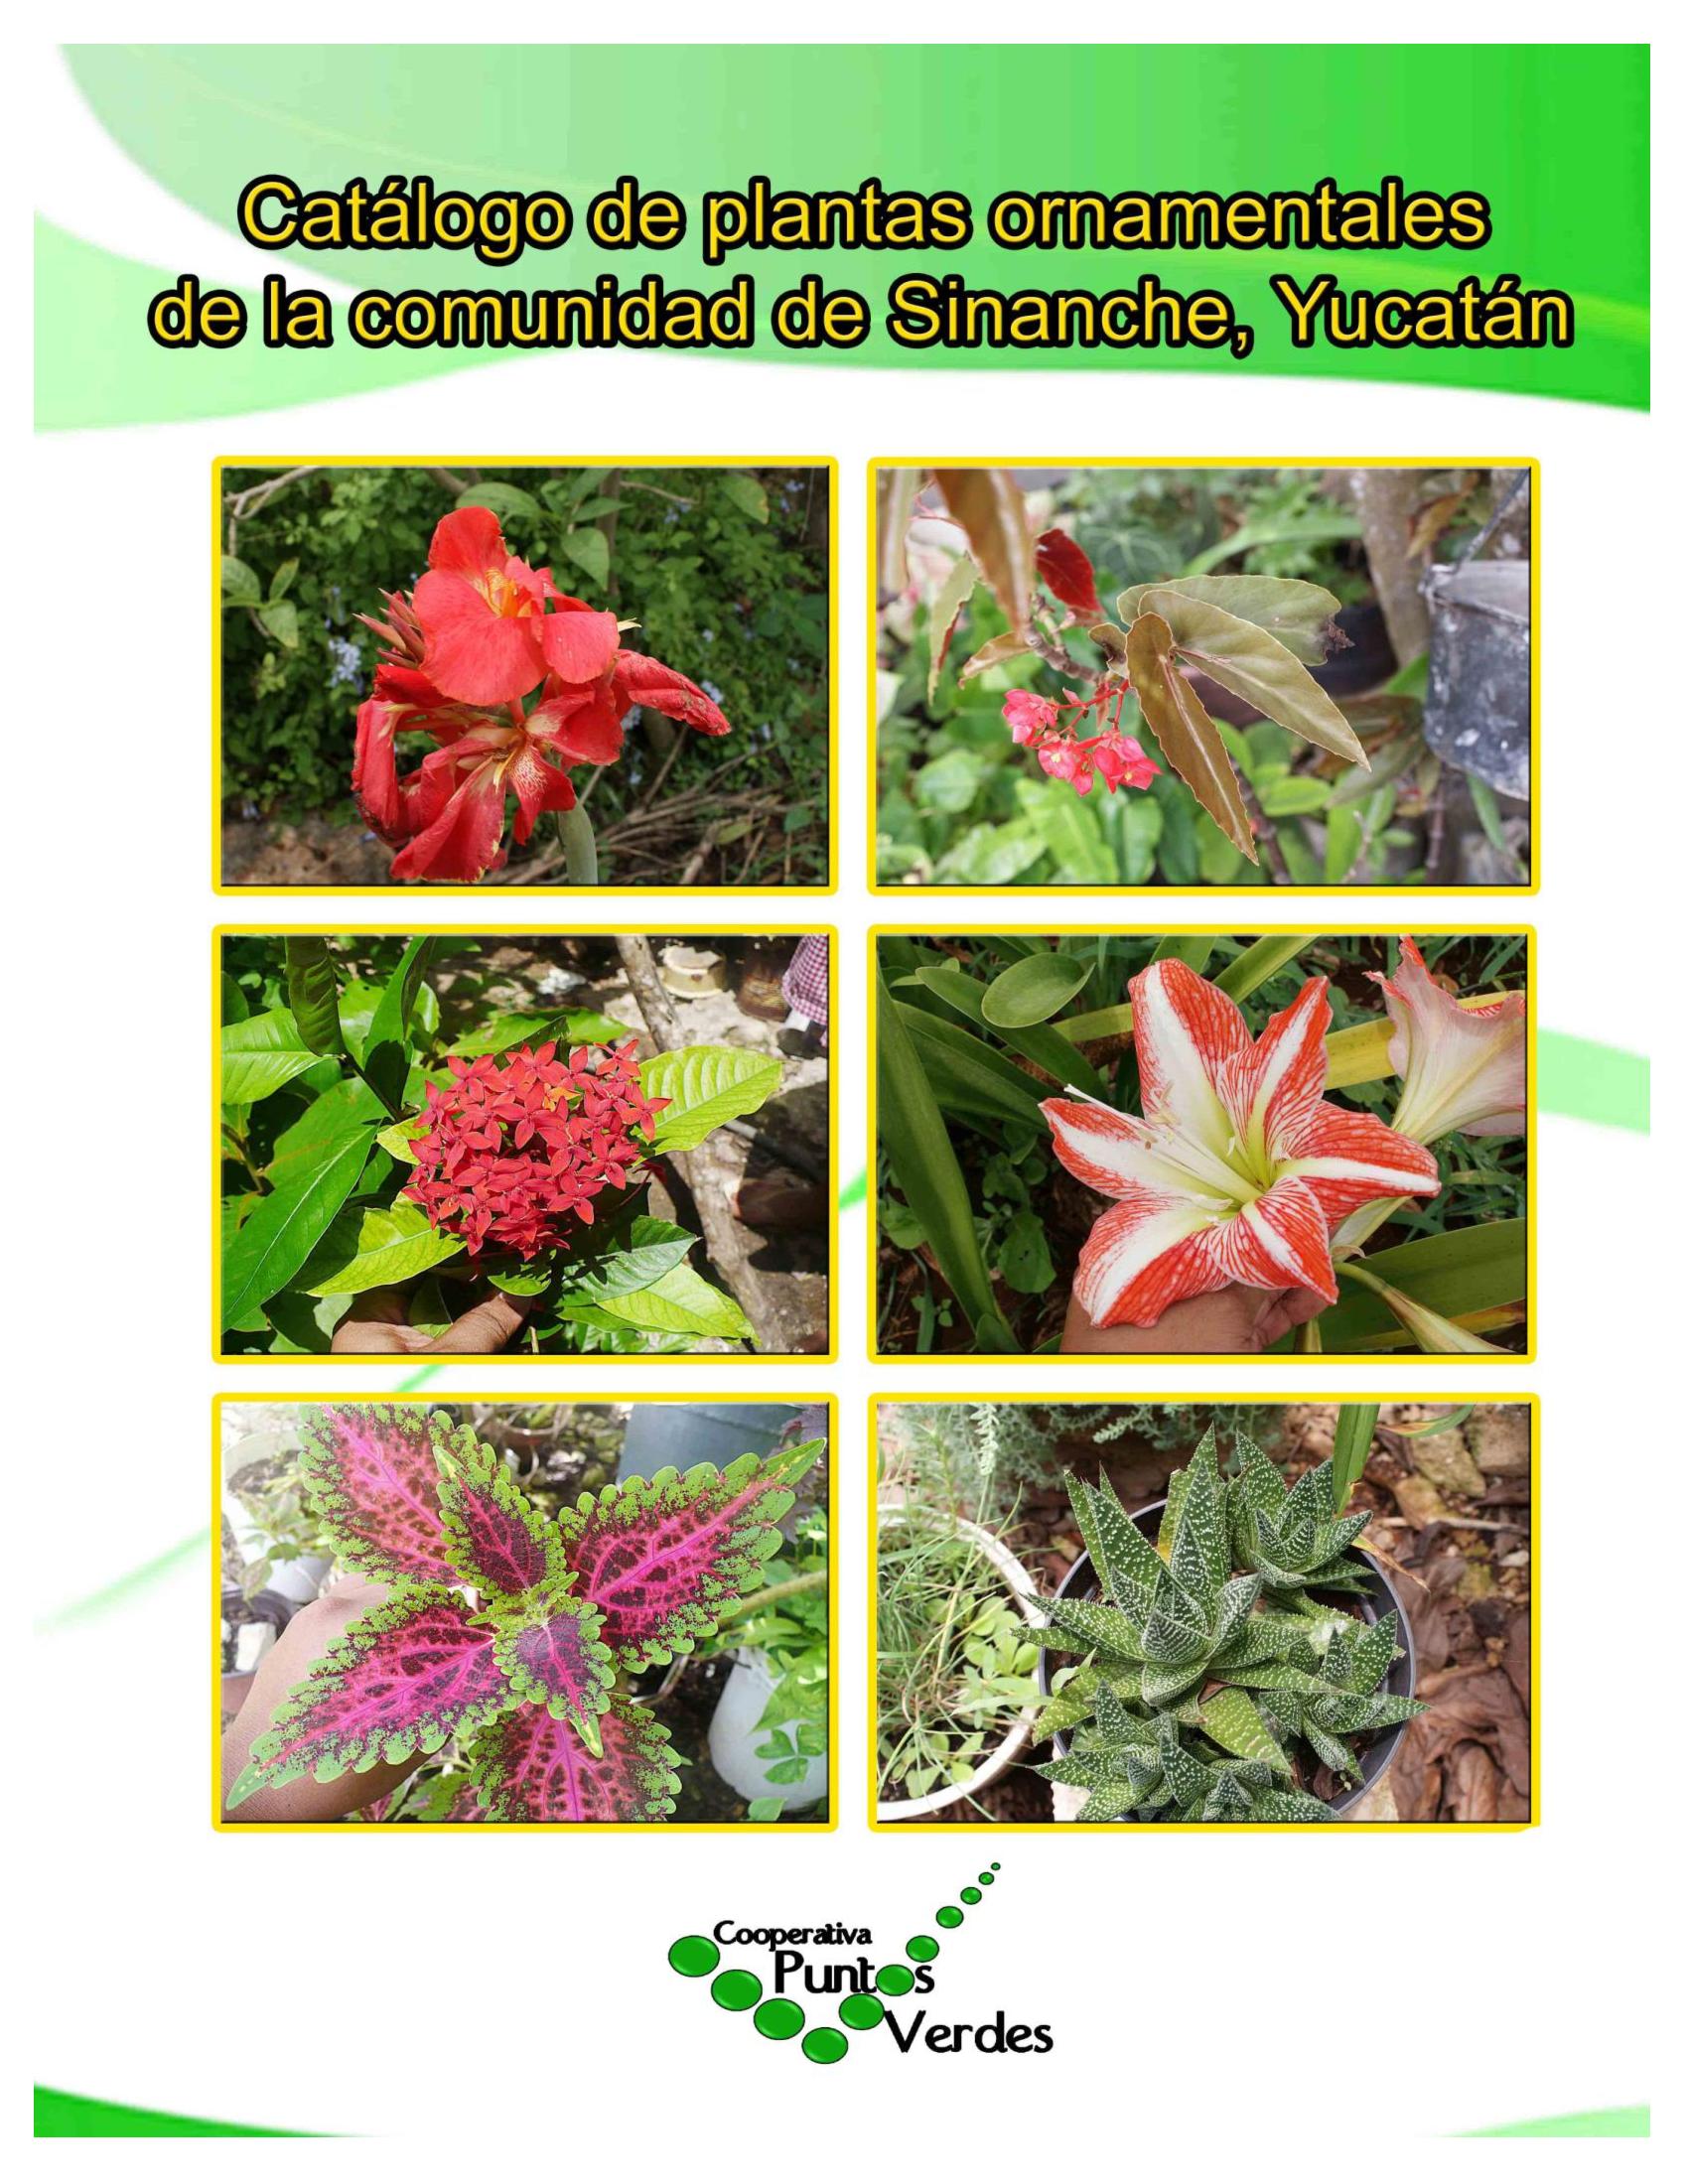 Catalogo de plantas ornamentales de sinanche yucat n for Que significa plantas ornamentales